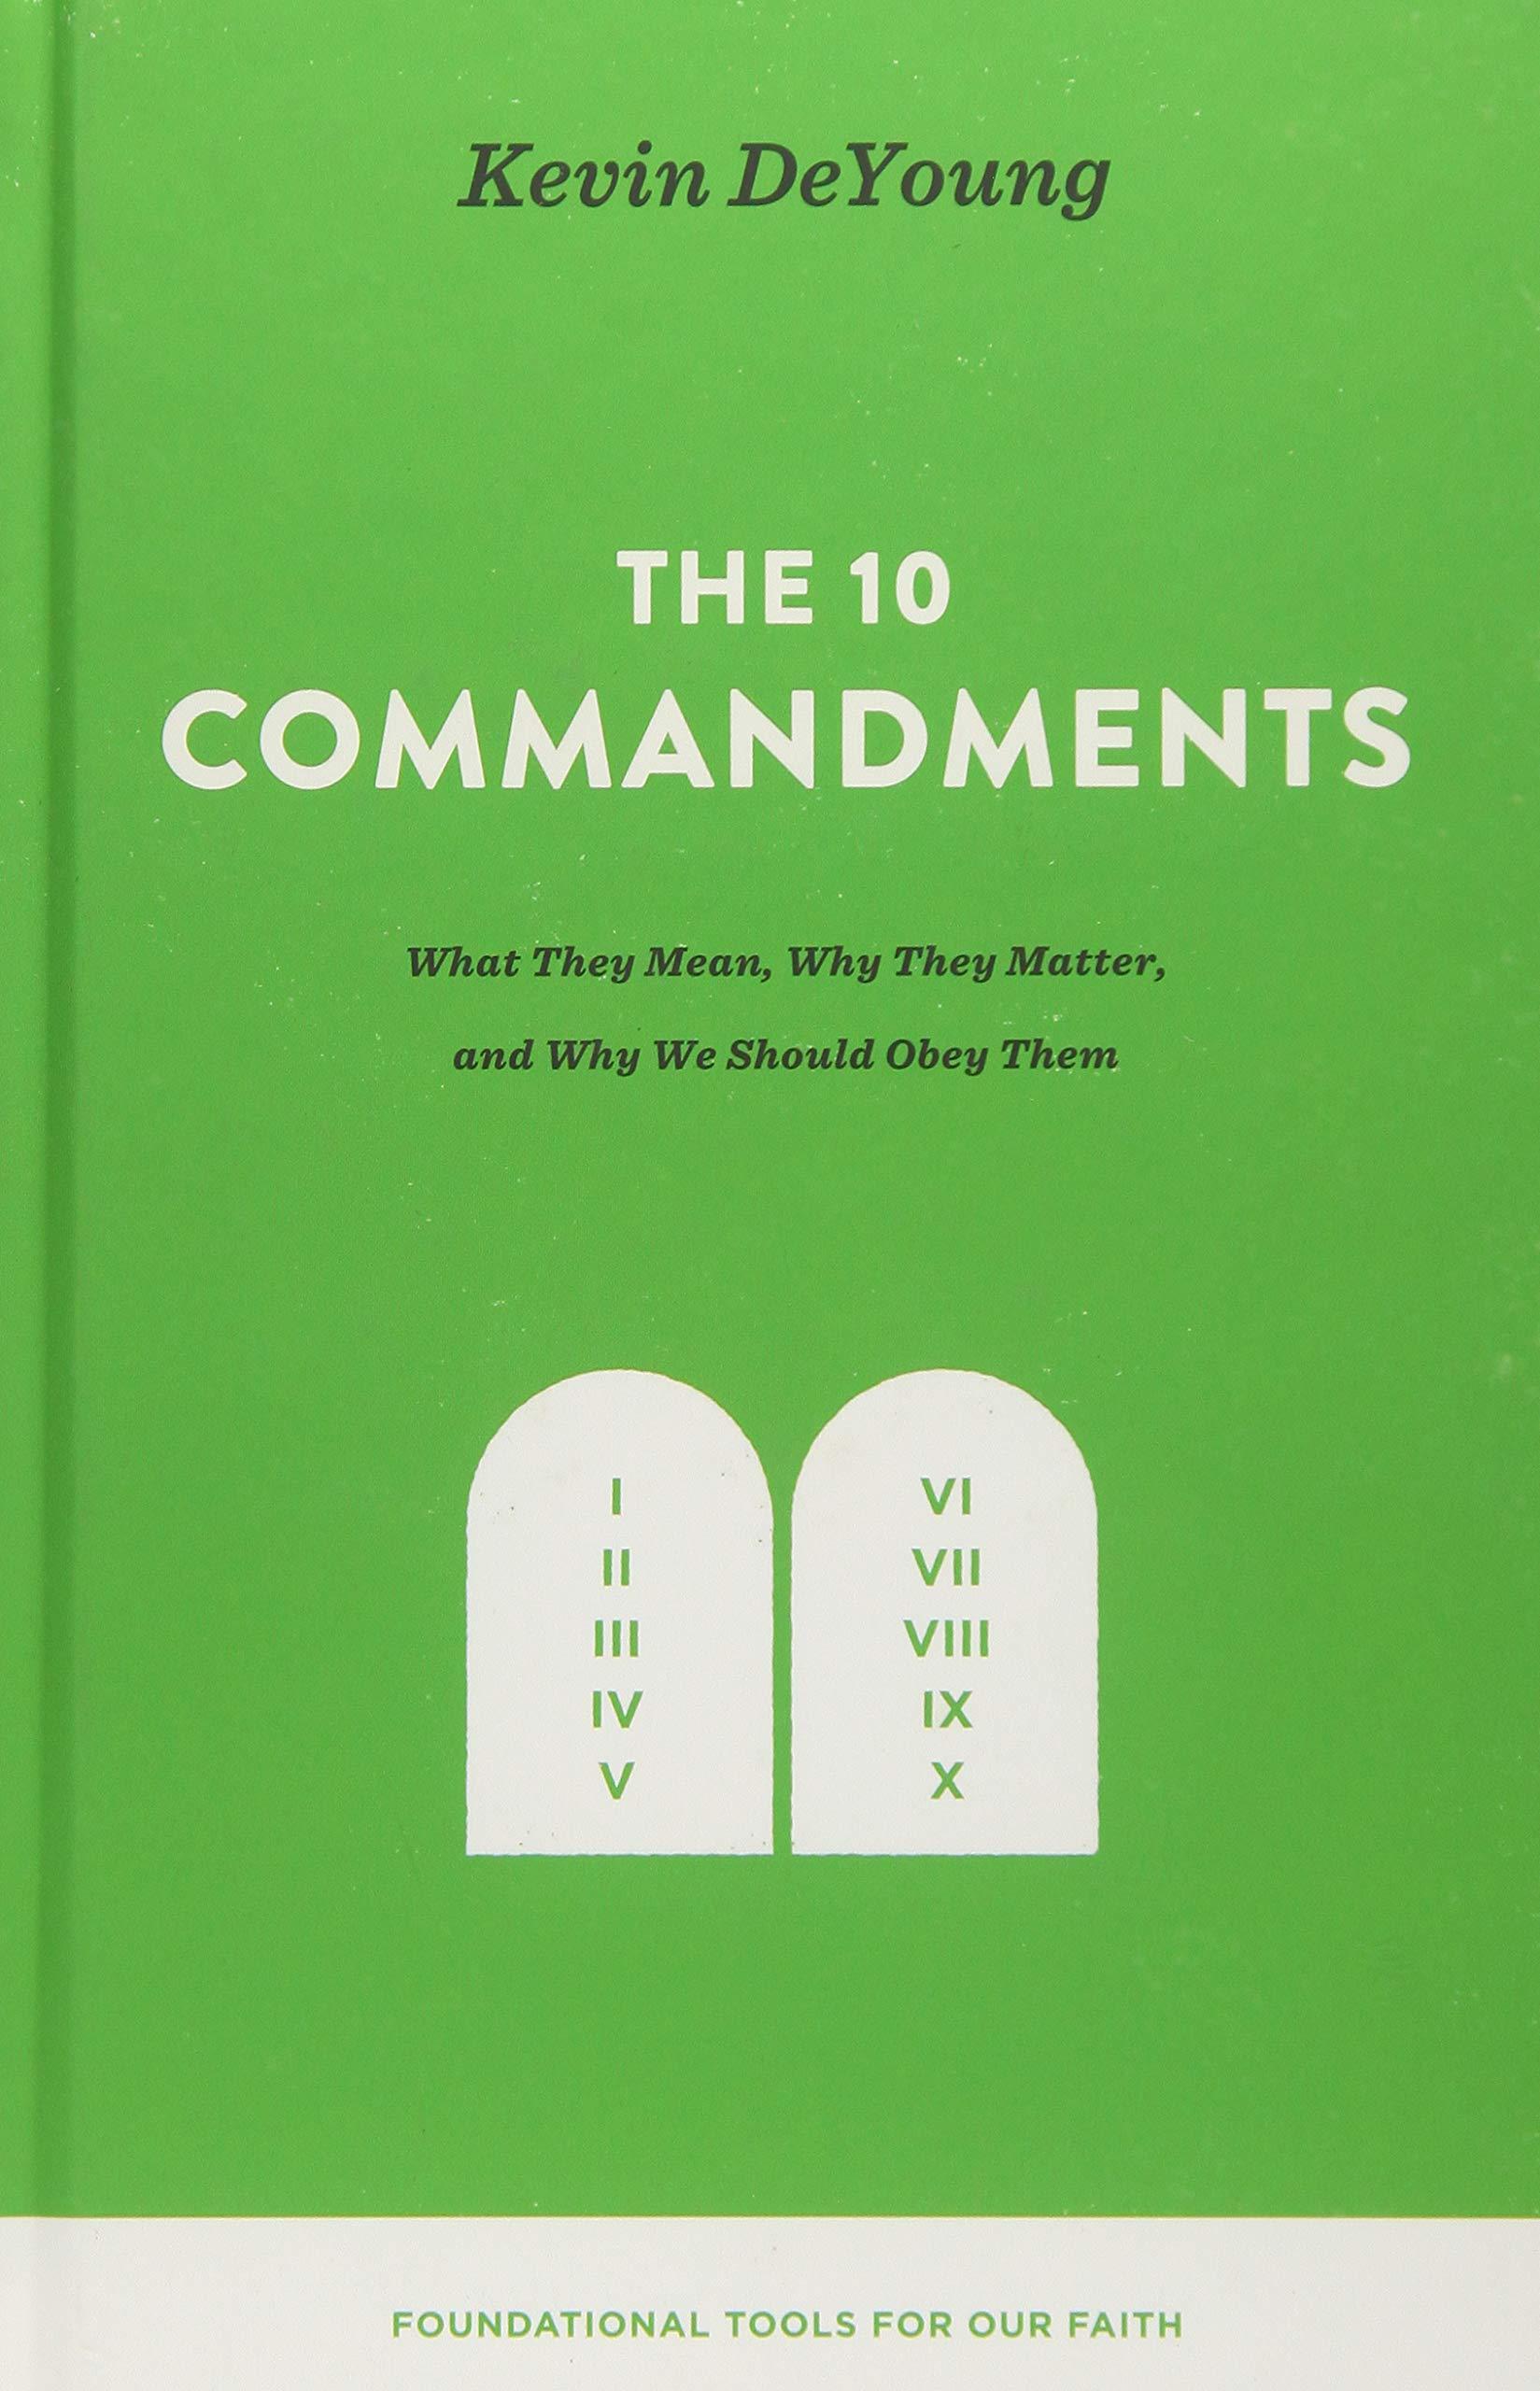 The 10 Commandments, Kevin DeYoung